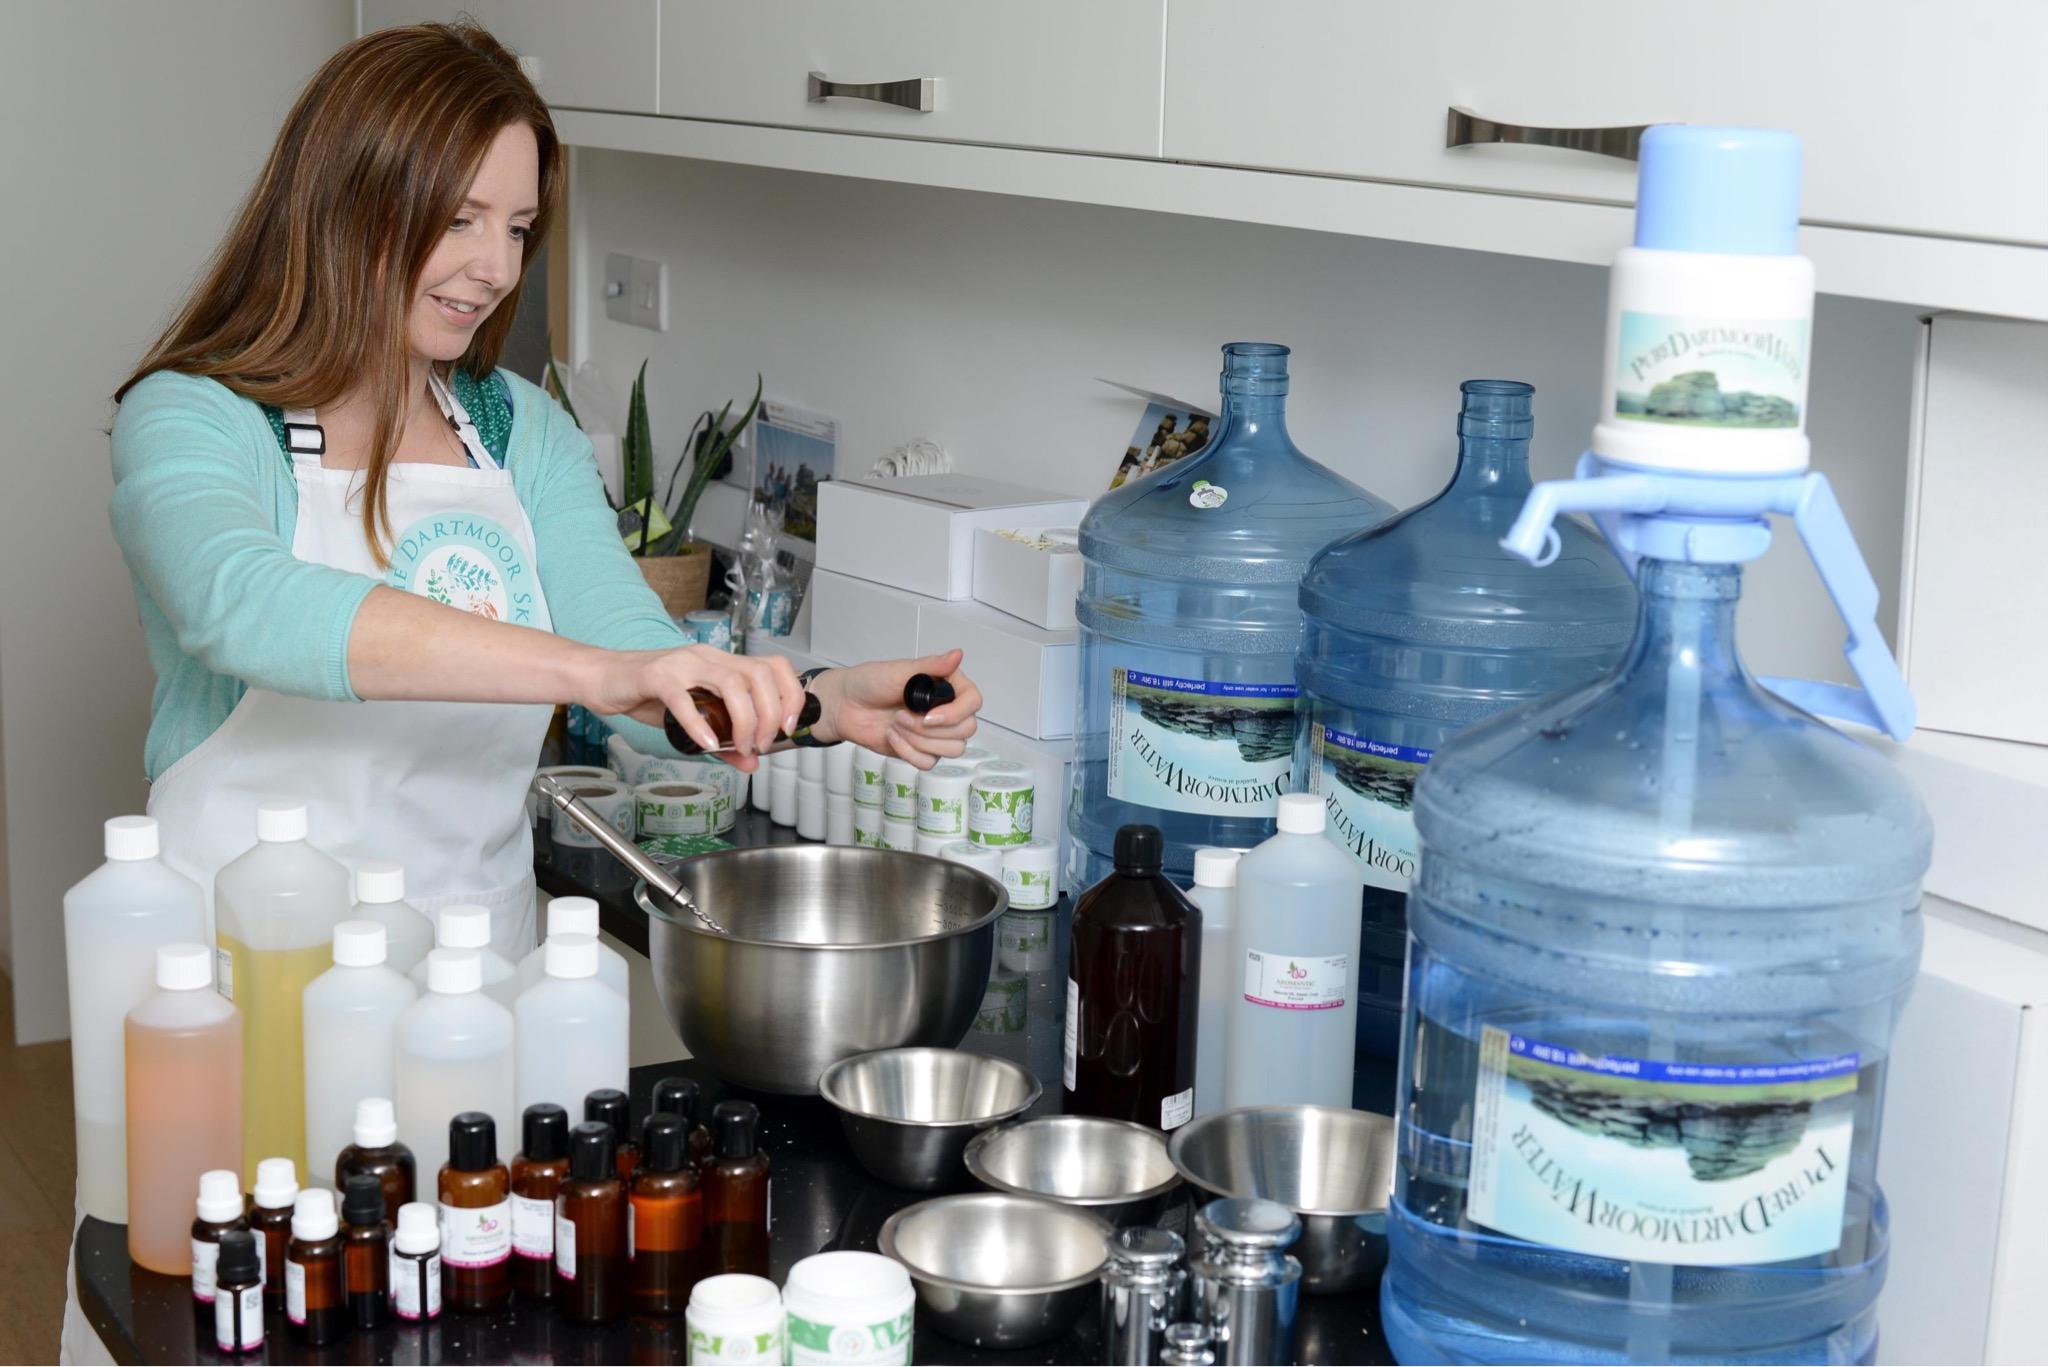 tara making products